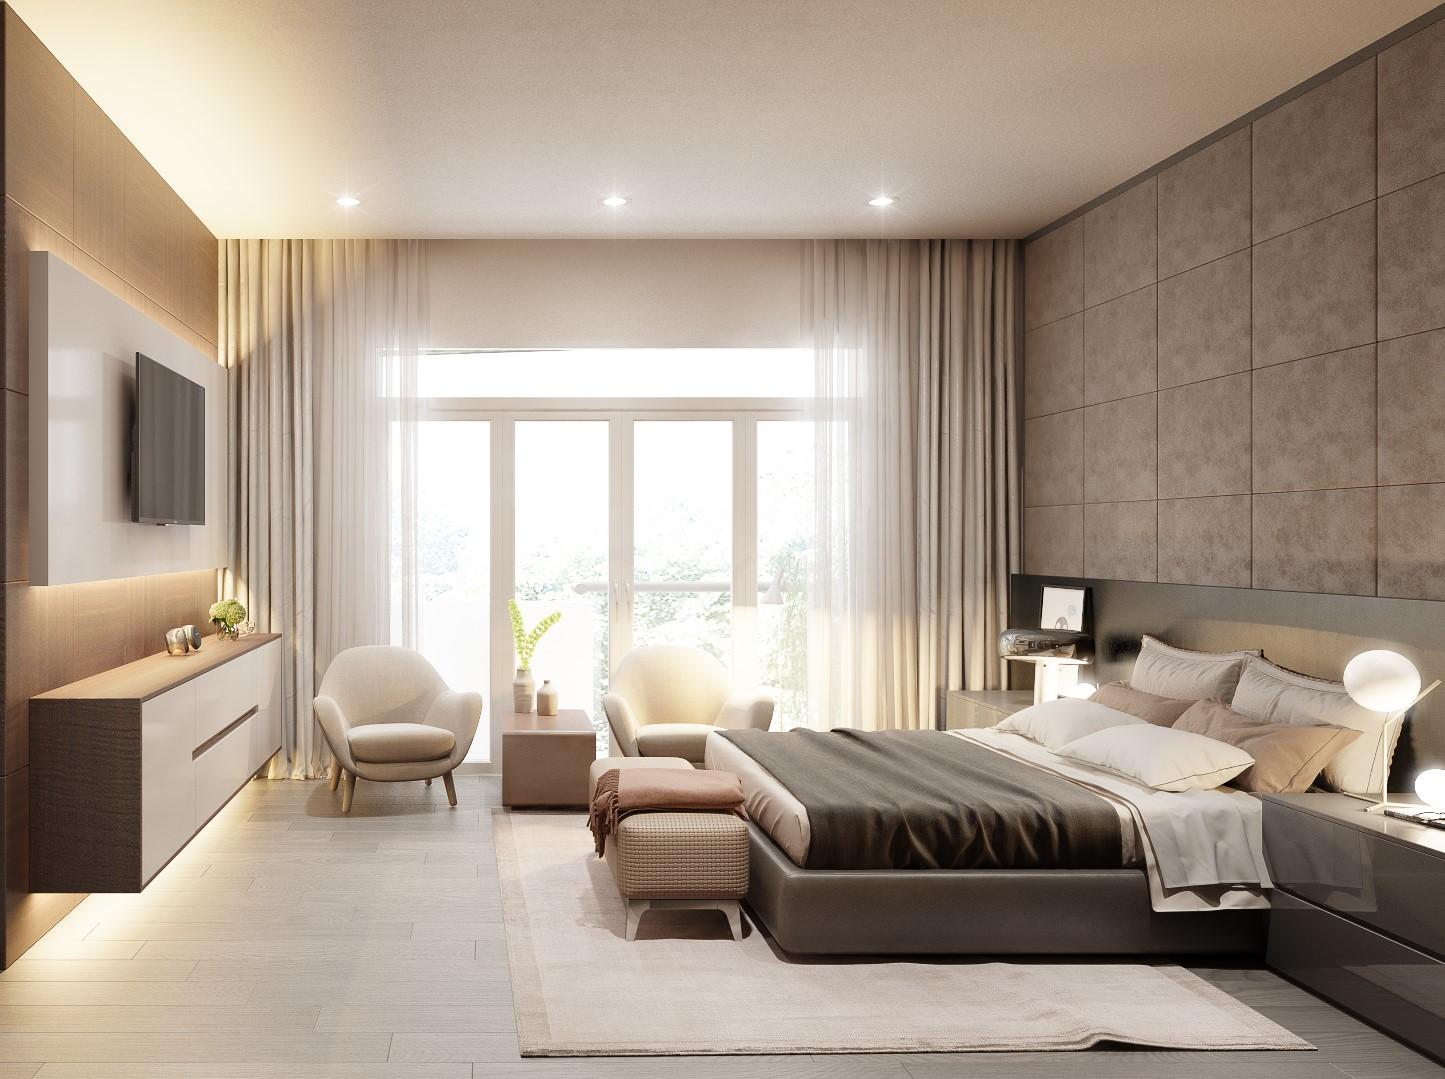 Kiến trúc sư tư vấn thiết kế cho phòng ngủ căn hộ 54m² với chi phí 15 triệu - Ảnh 6.